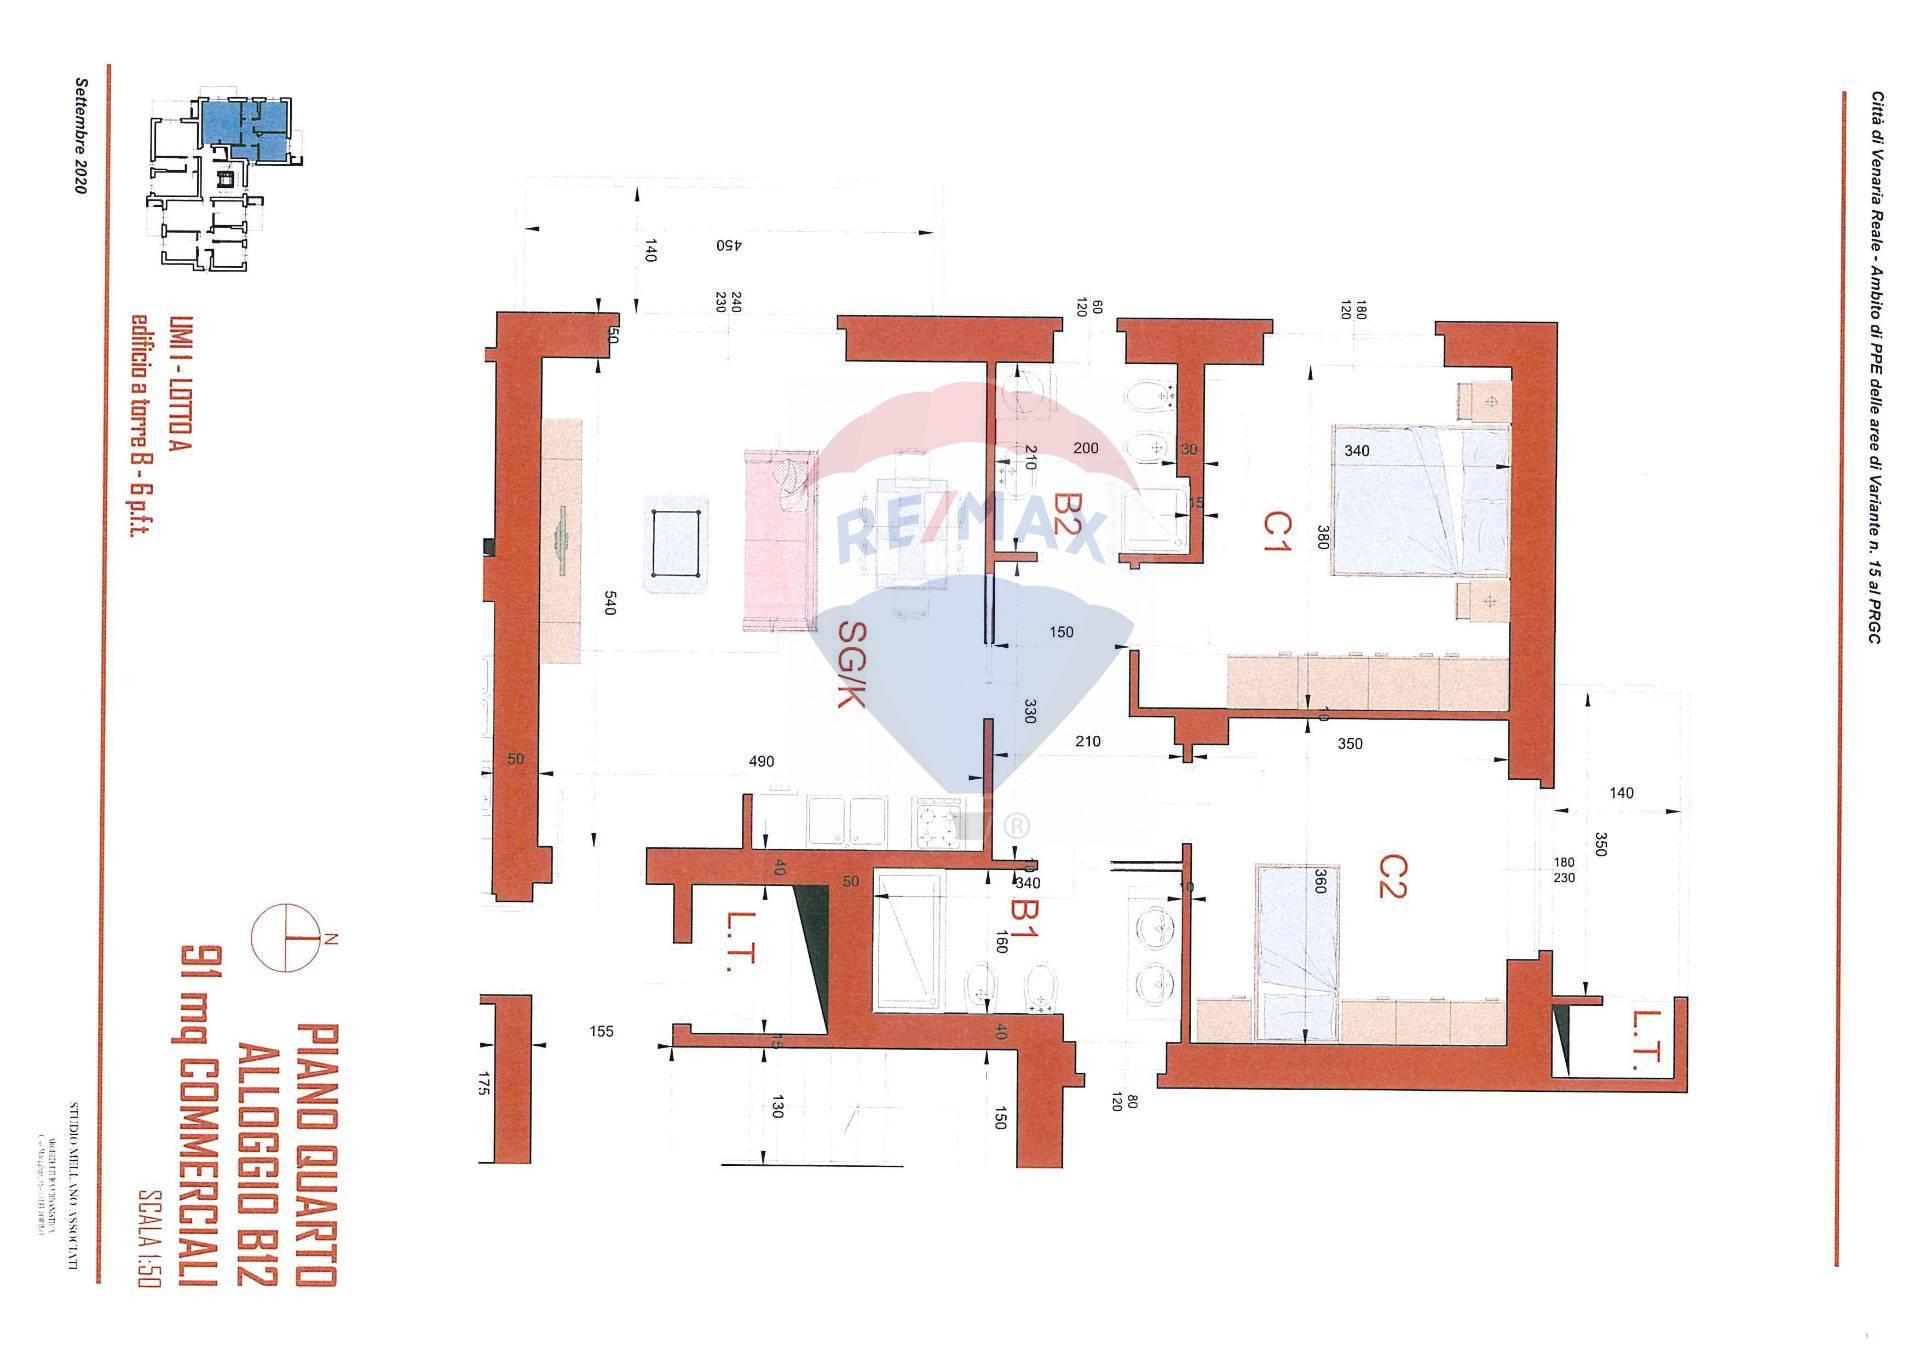 Appartamento in vendita a Venaria Reale, 3 locali, prezzo € 250.000 | CambioCasa.it